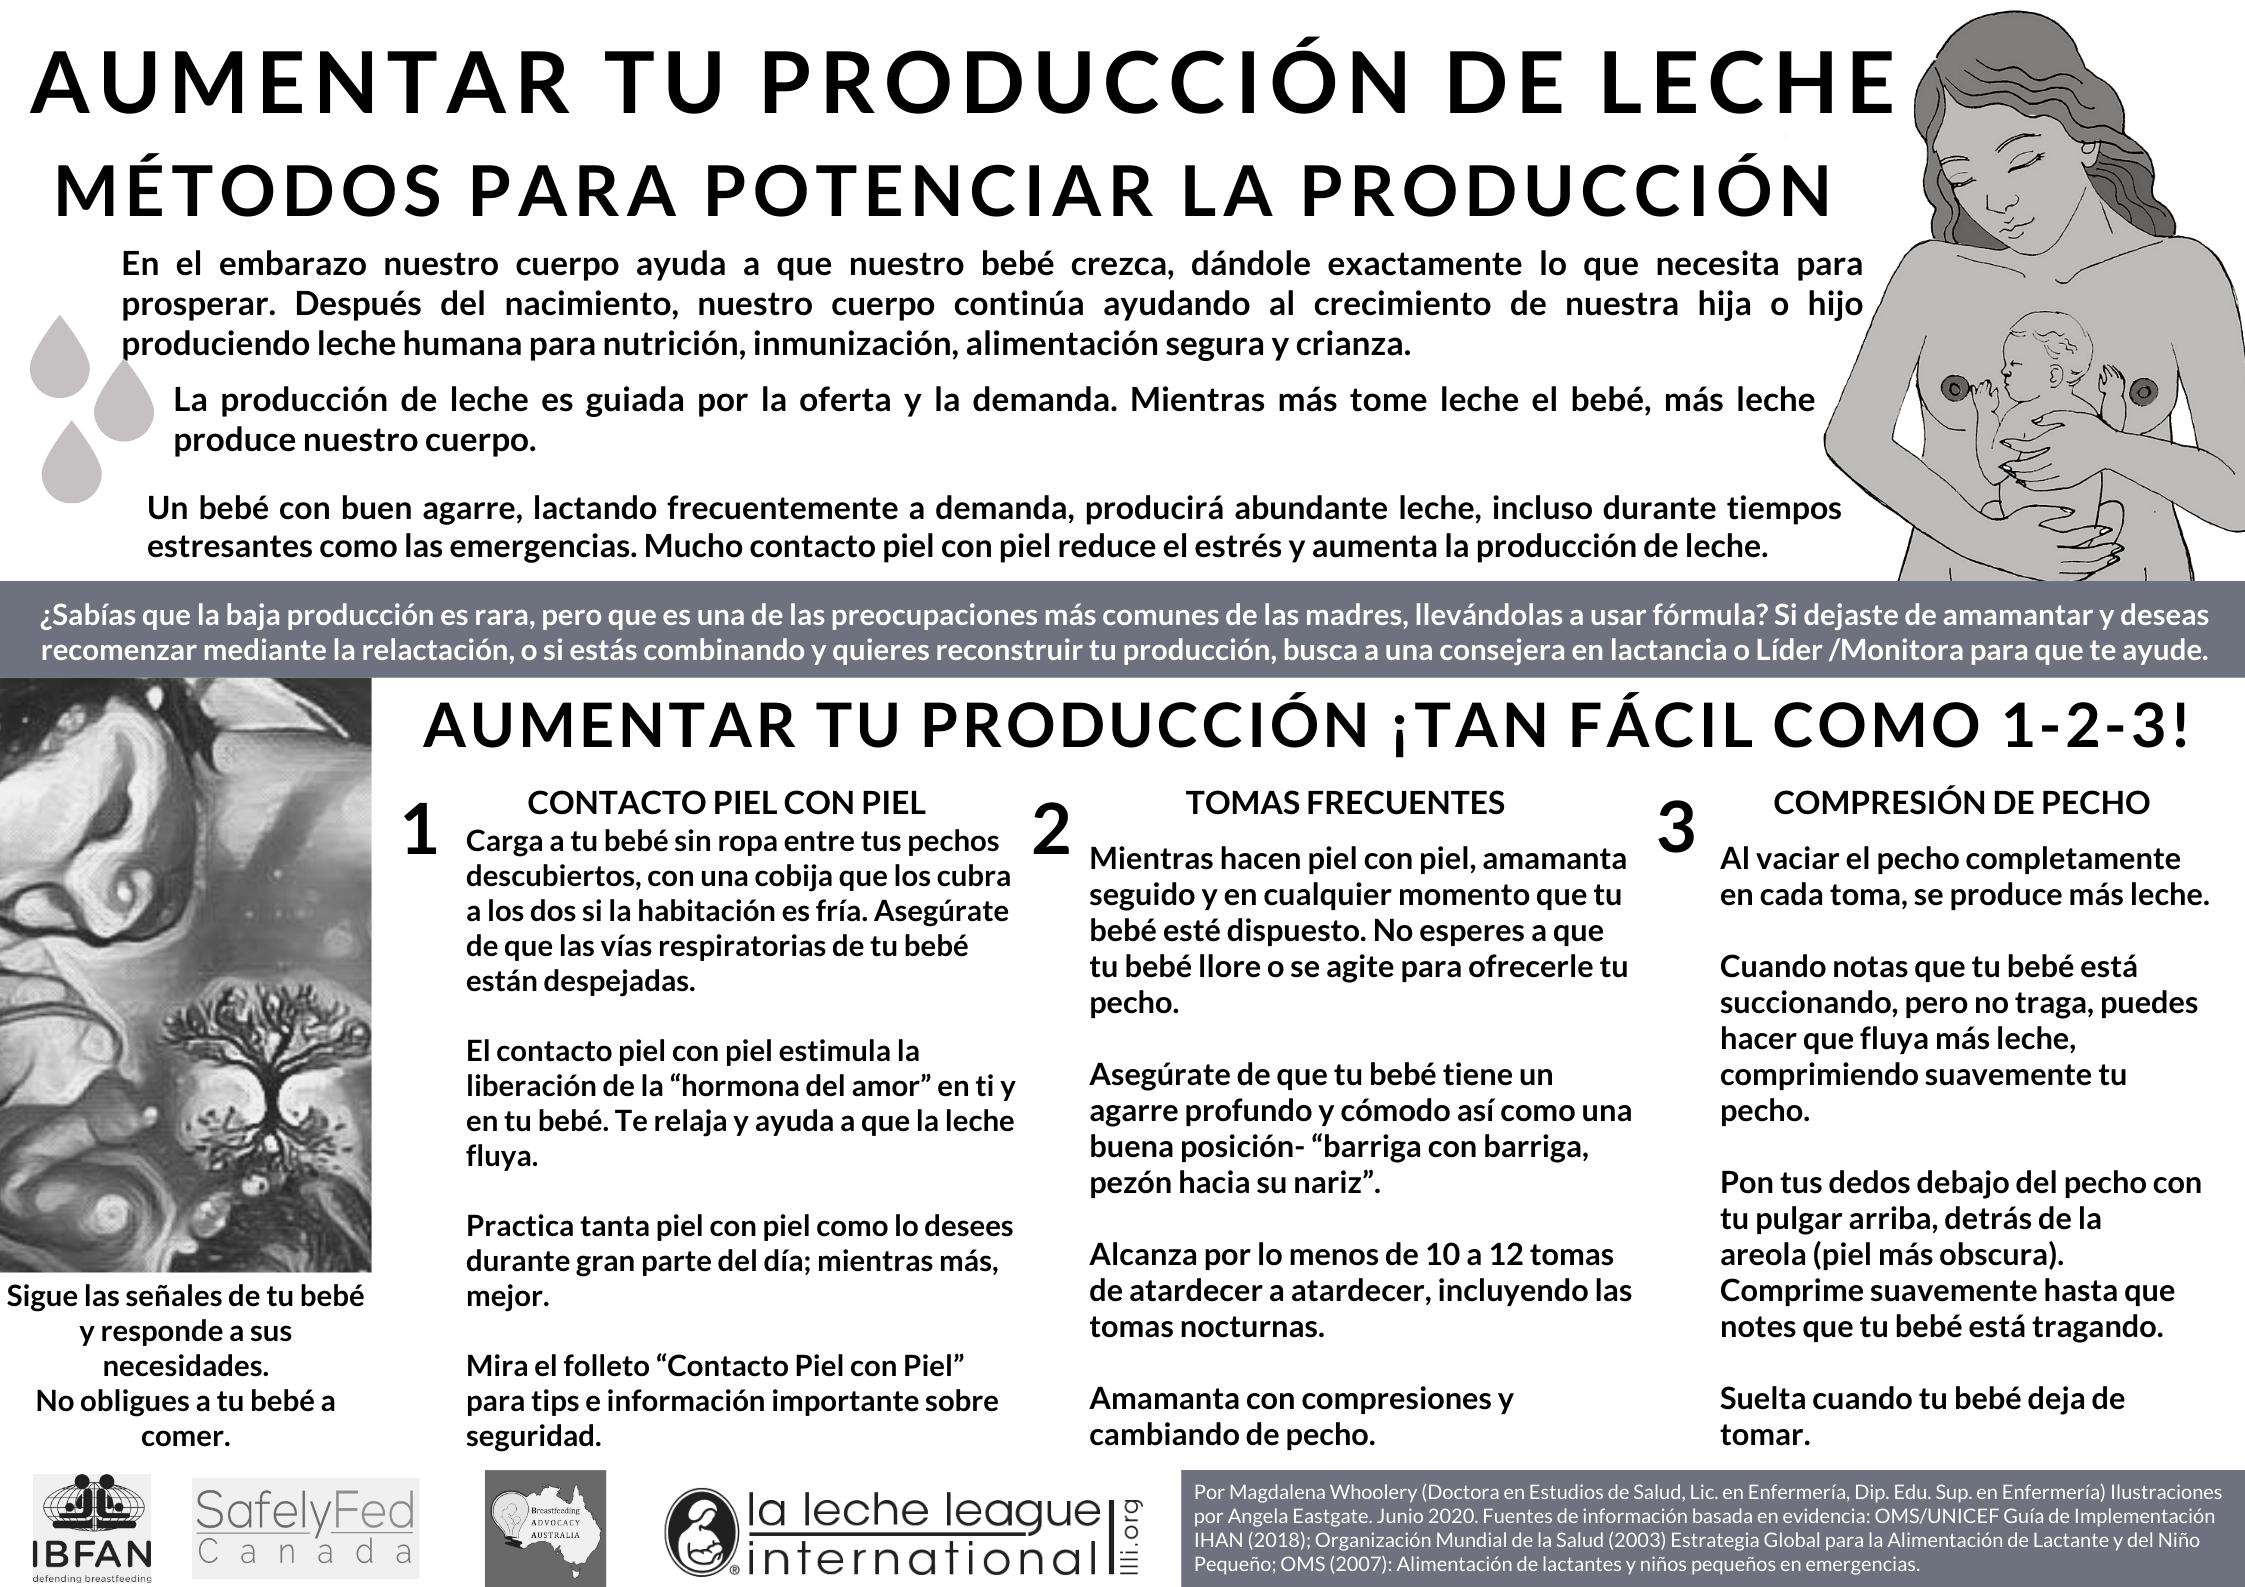 AUMENTAR TU PRODUCCIÓN DE LECHE - Métodos para potenciar la producción